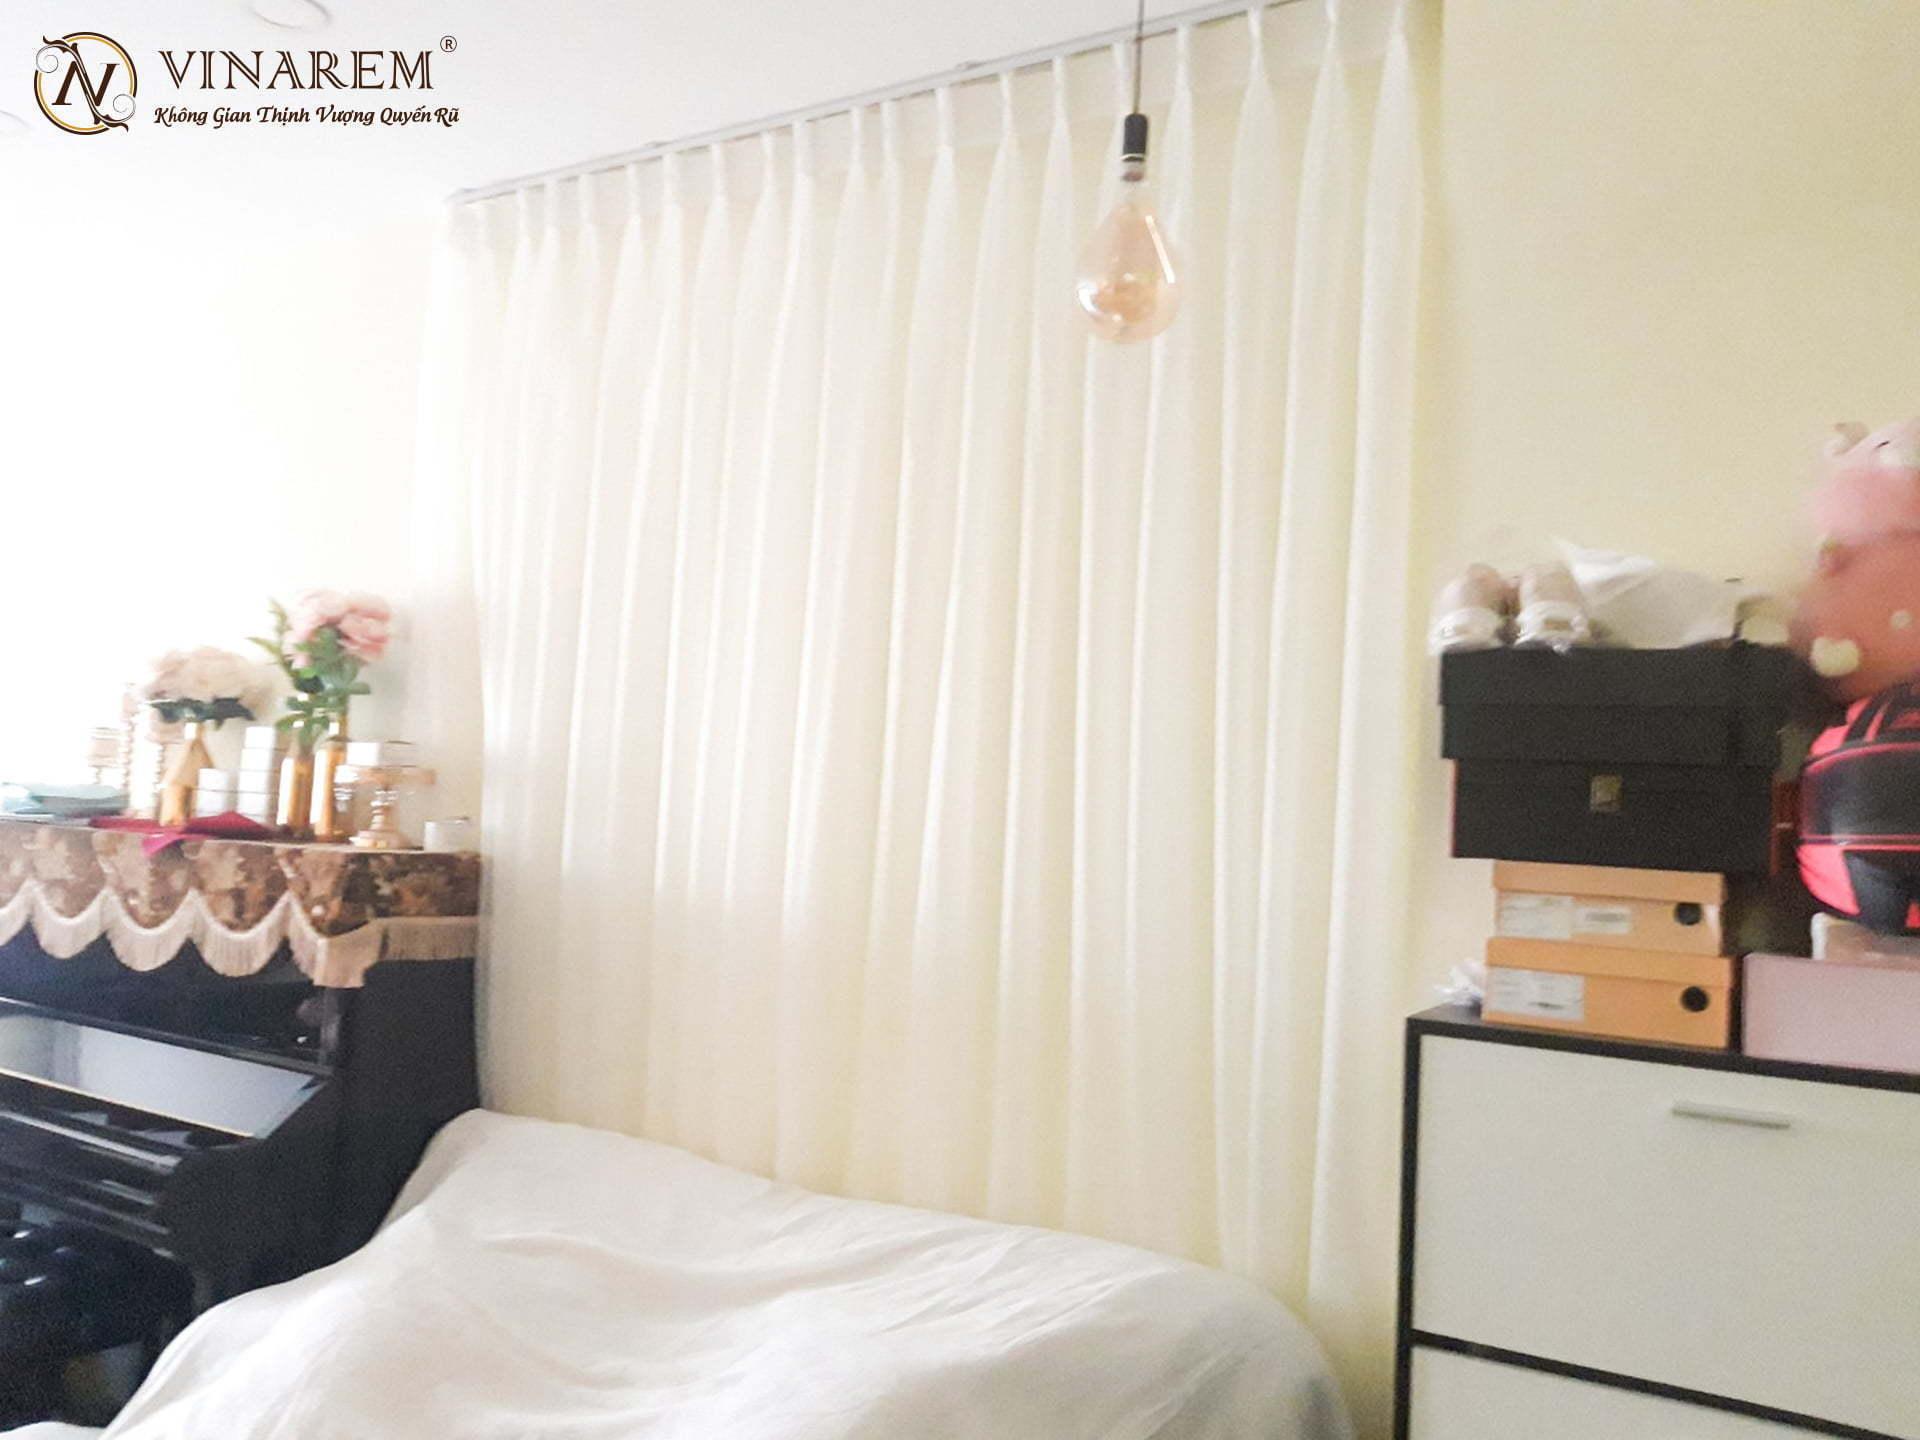 Rèm voan cao cấp trang trí phòng ngủ | Vinarem